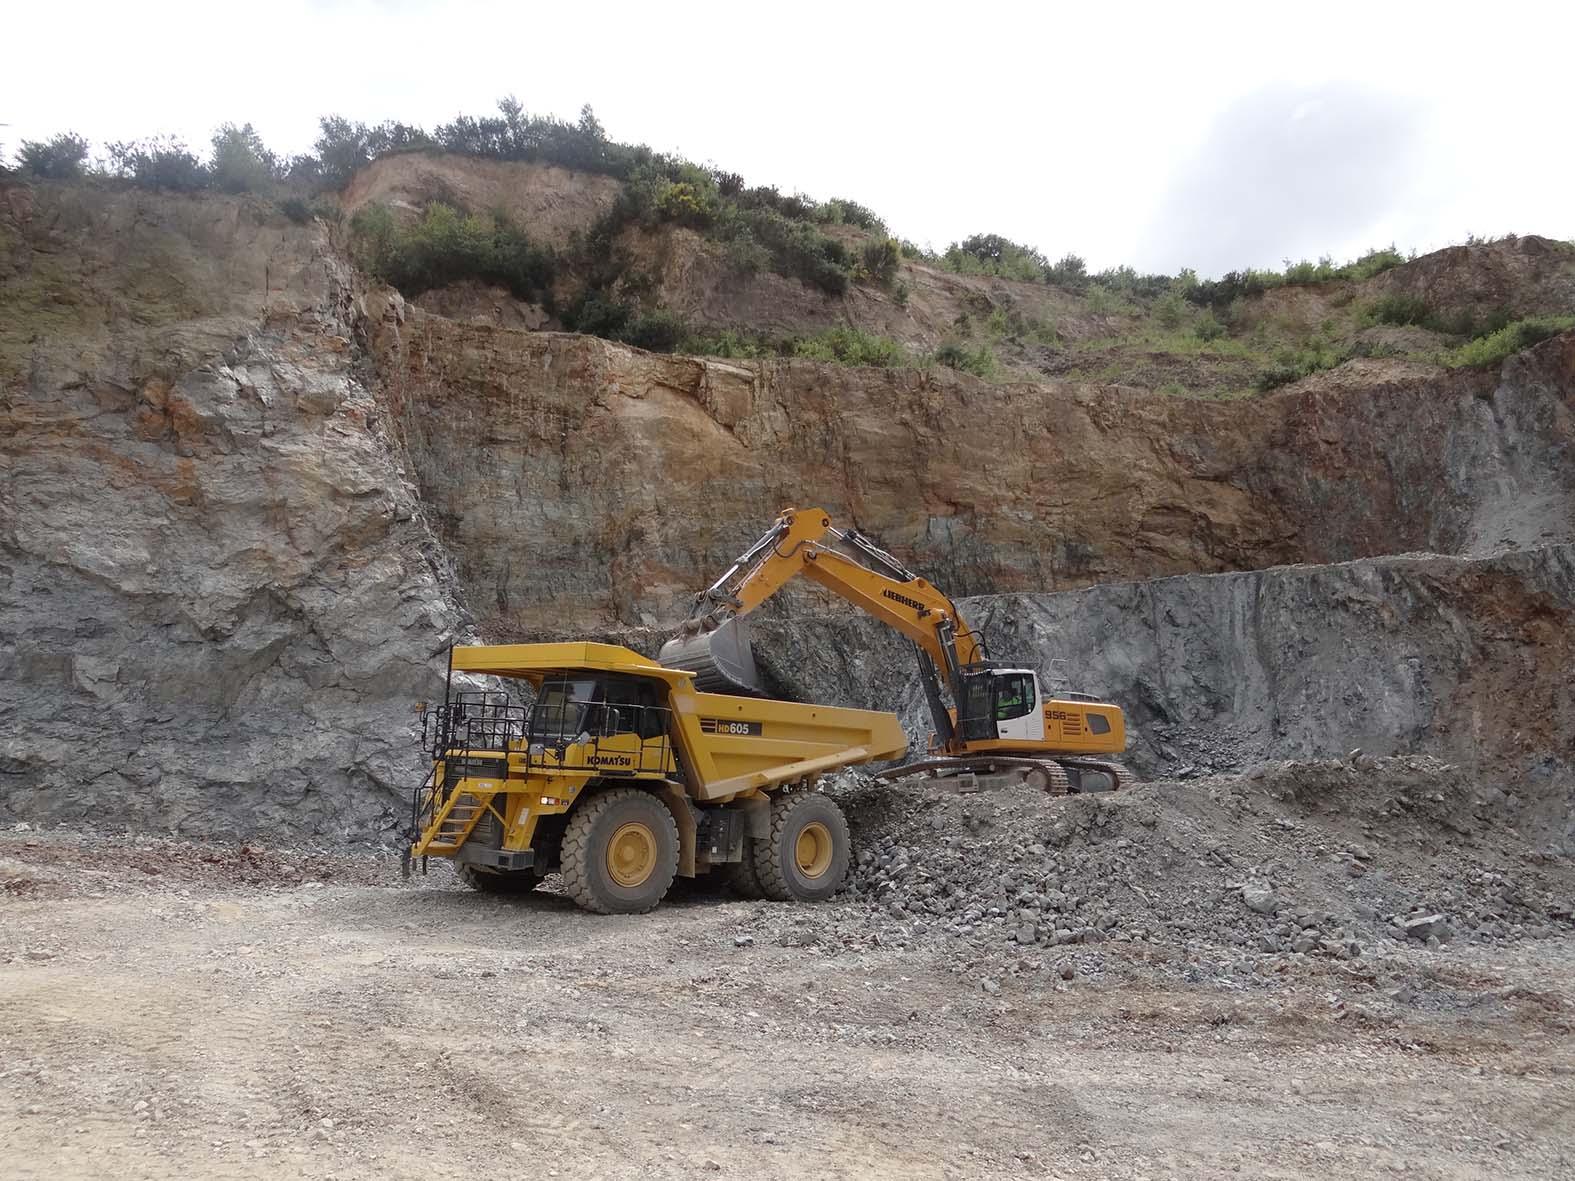 Dumper et pelle - Le Roux TP - Carrière - Engins et matériels - Engins à la production